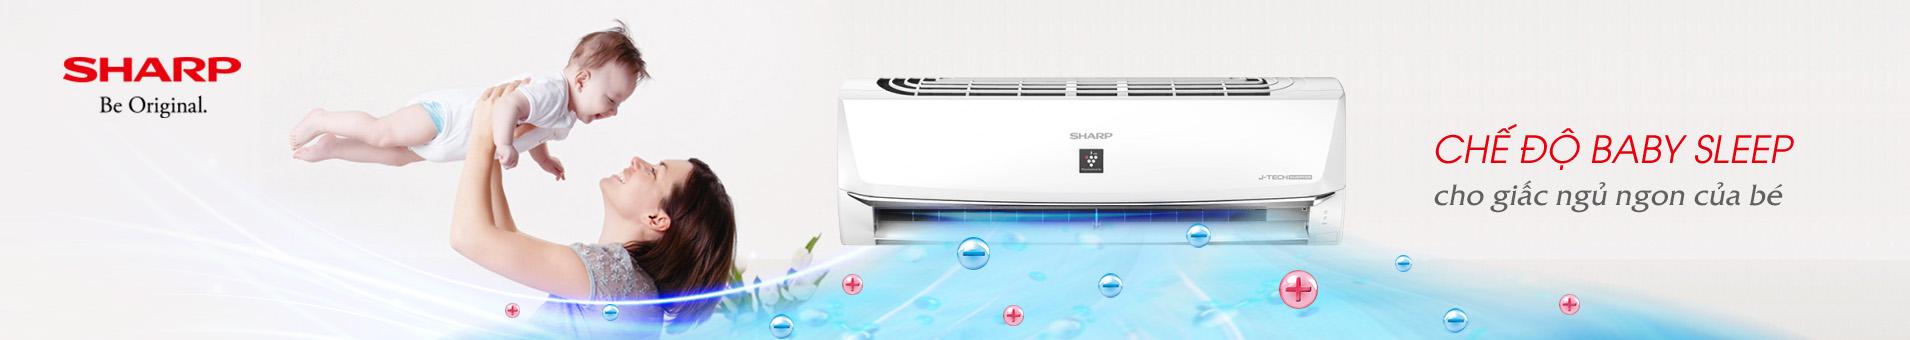 Máy lạnh Sharp - Điều hòa Sharp